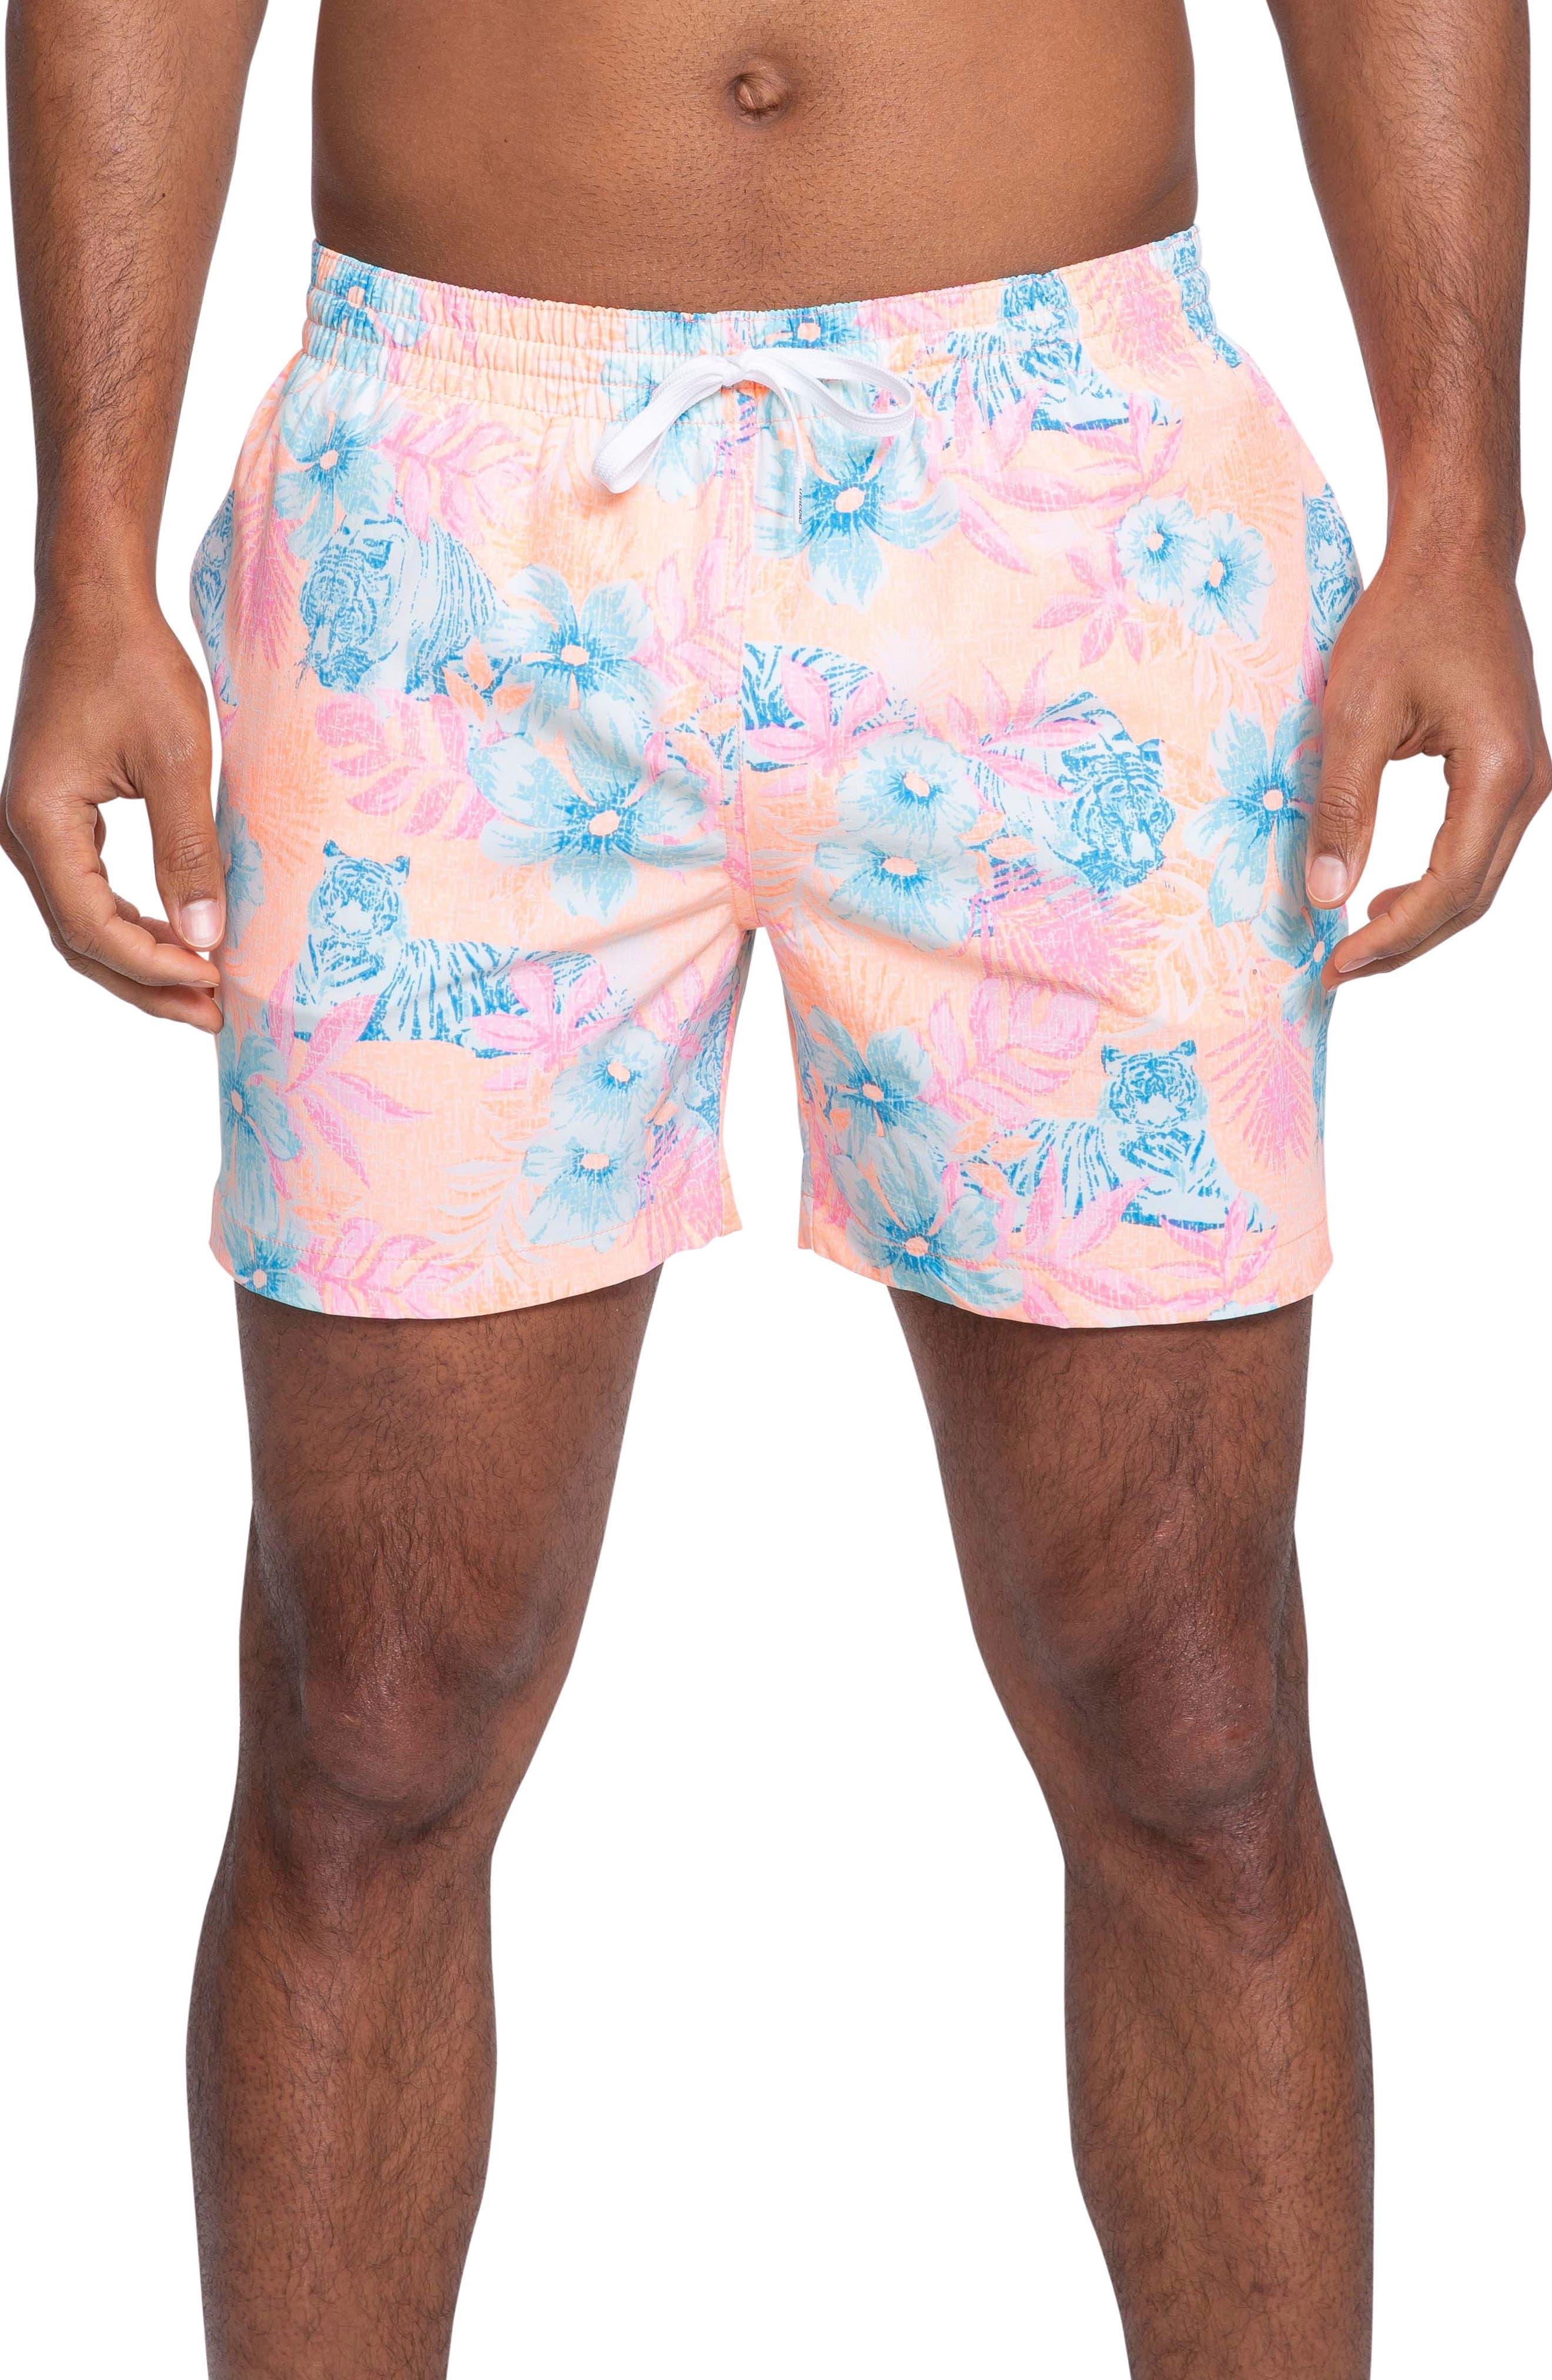 Chubbies Print Swim Trunks, Pink